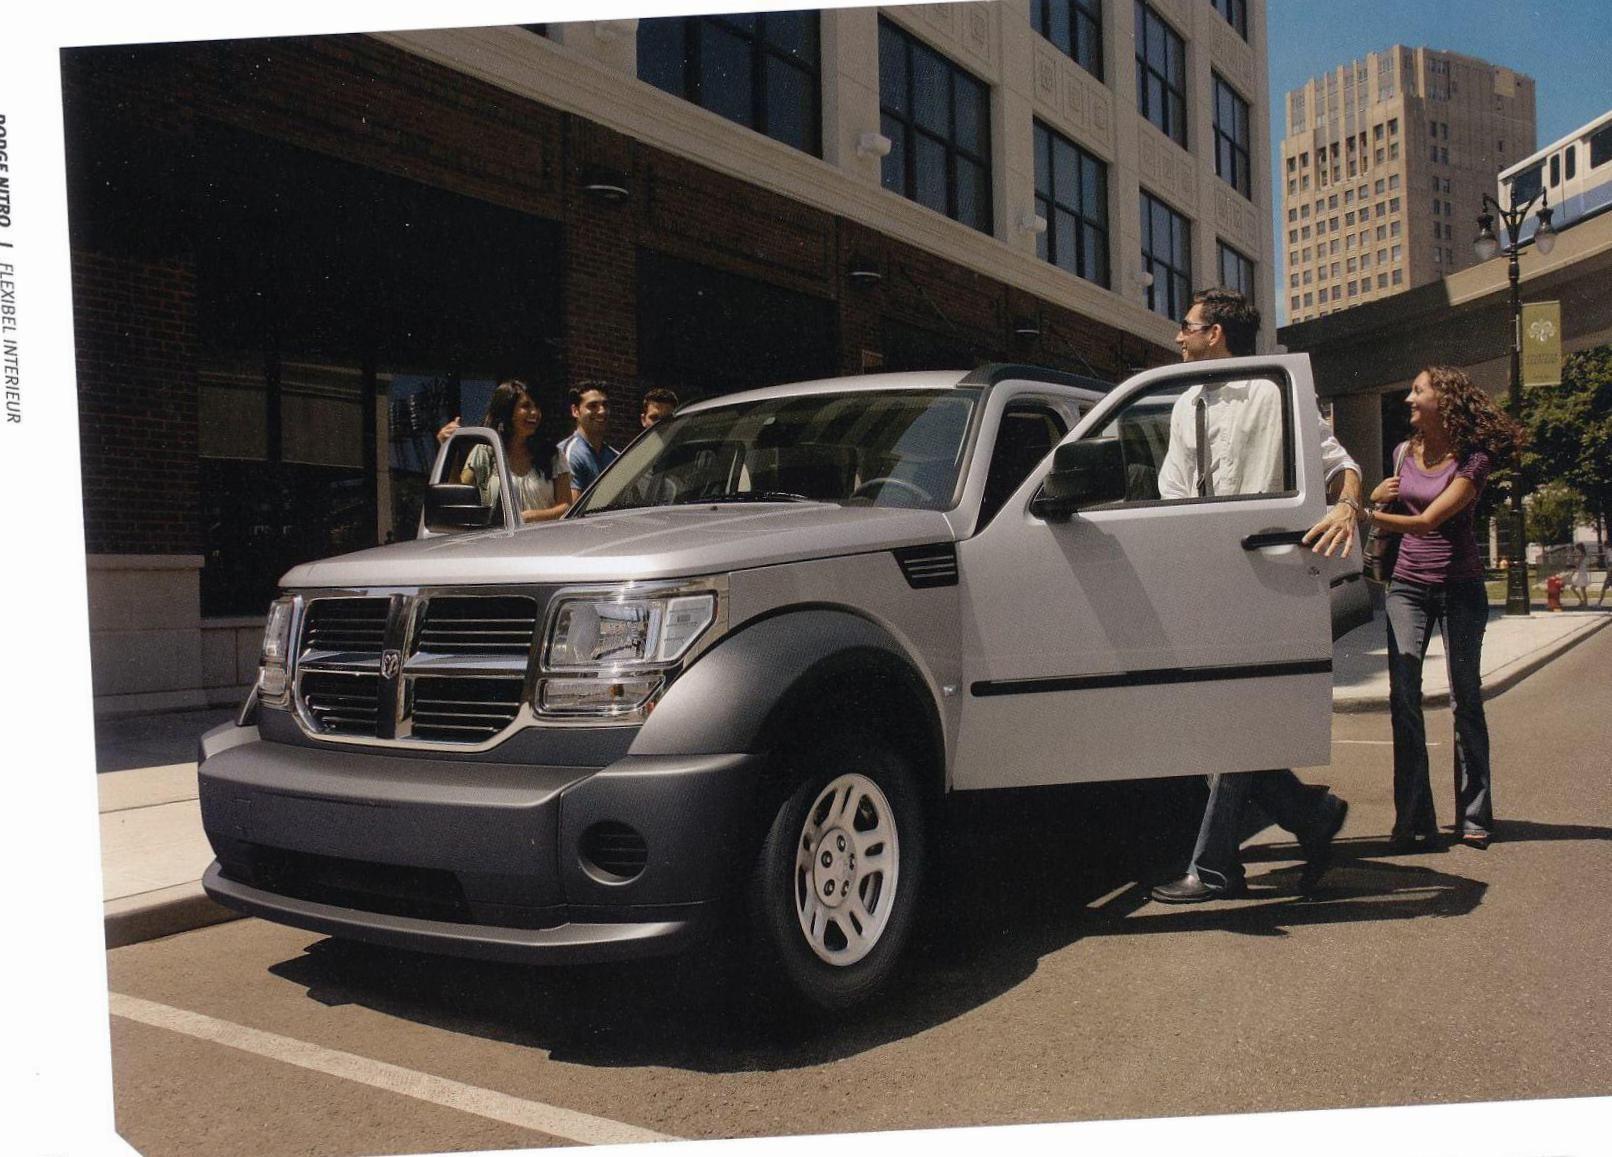 Nitro dodge models httpautotras auto pinterest dodge dodge nitro photos and specs photo nitro dodge models and 26 perfect photos of dodge nitro publicscrutiny Images